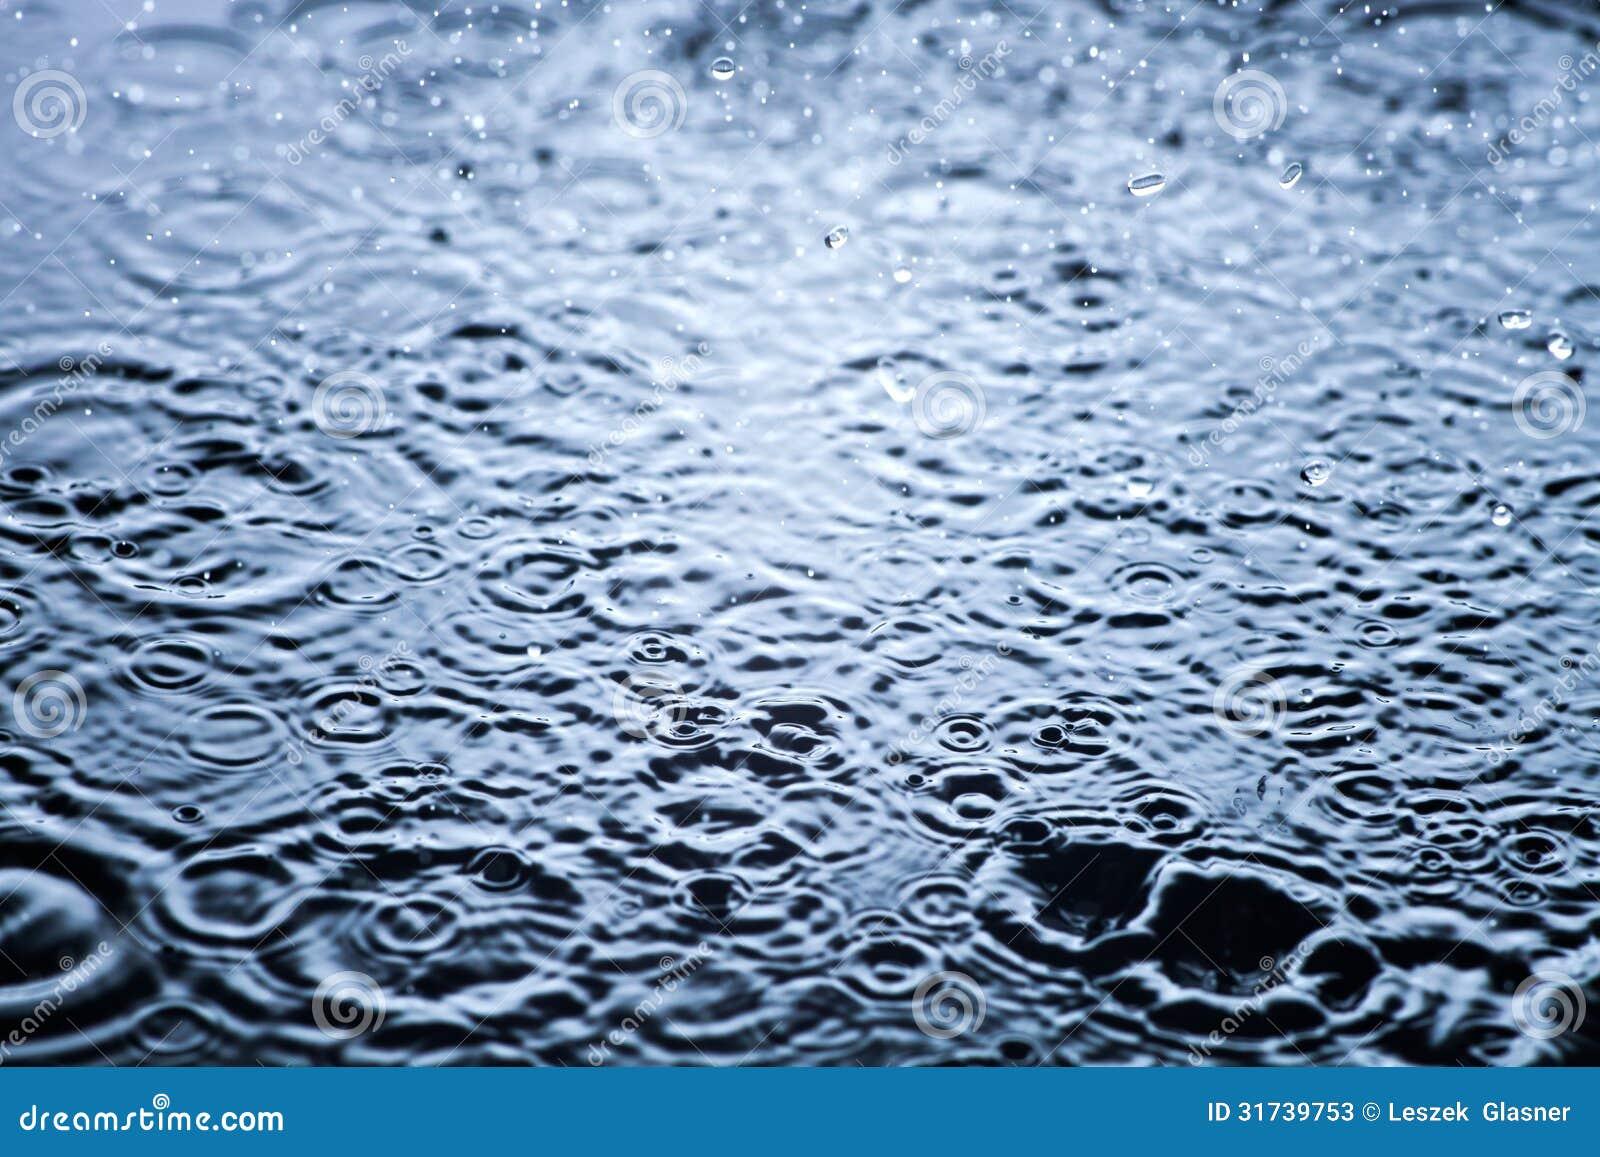 Baisses de pluie dans la fin de l eau, fond